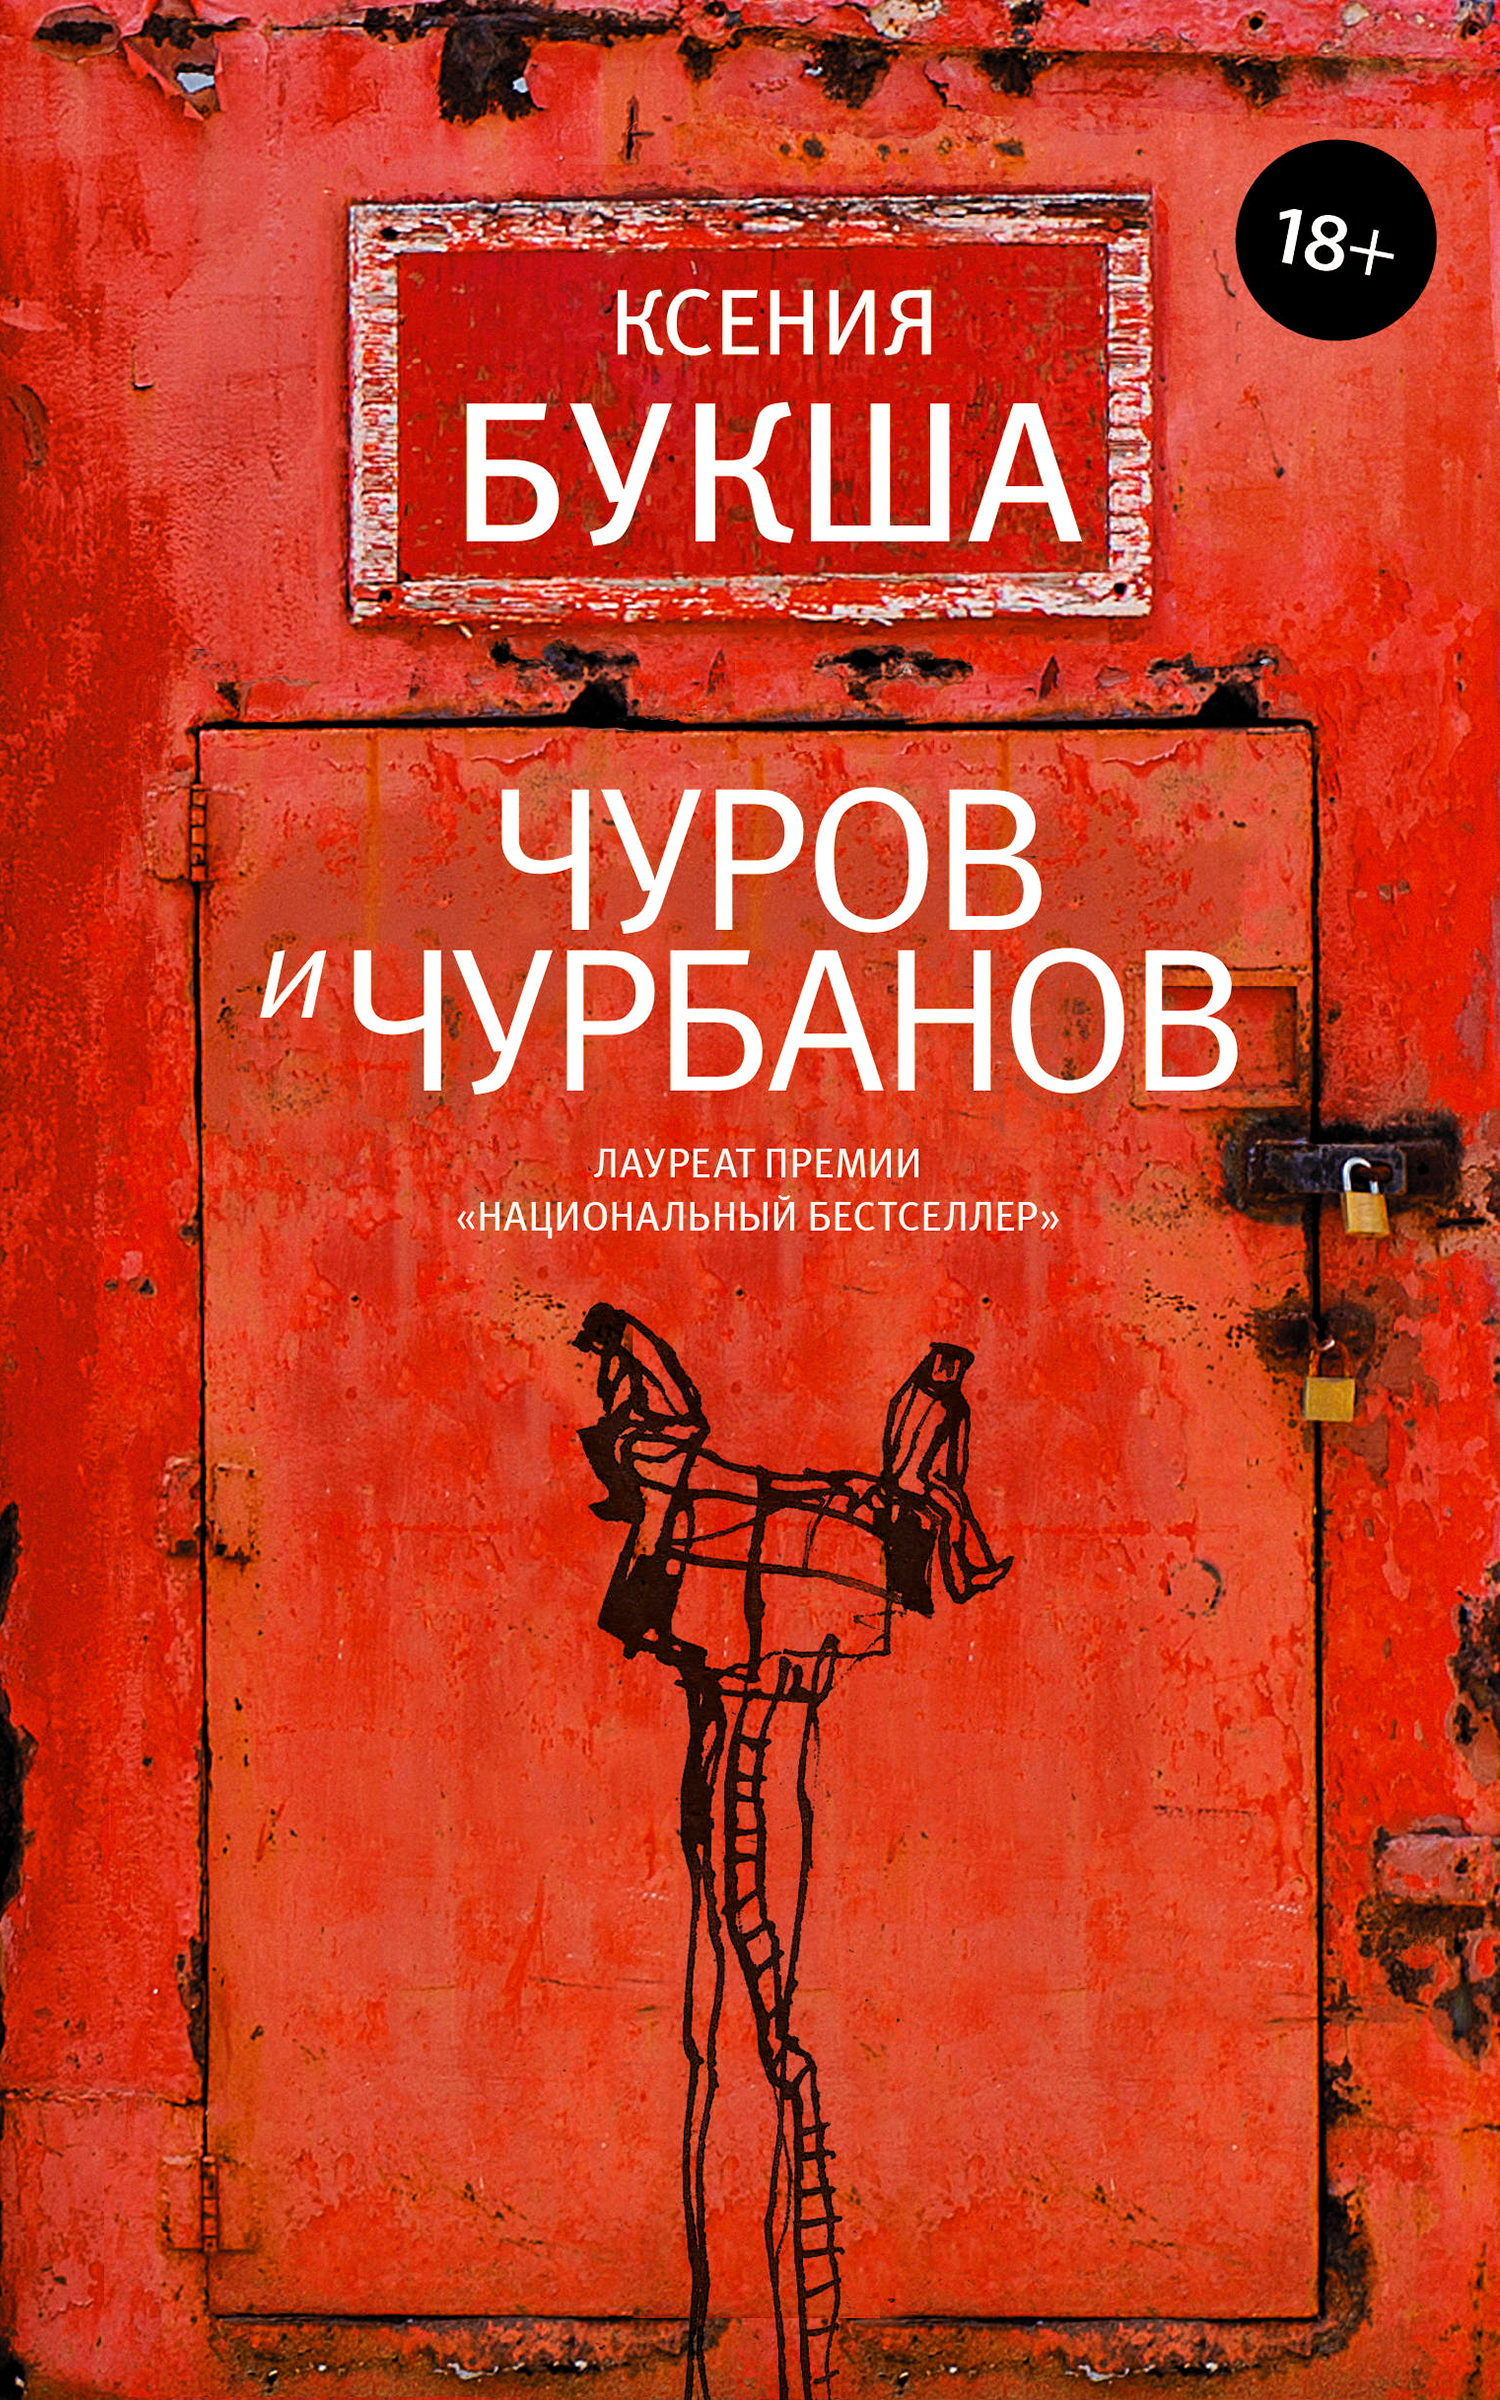 Ксения Букша: «Чуров и Чурбанов»